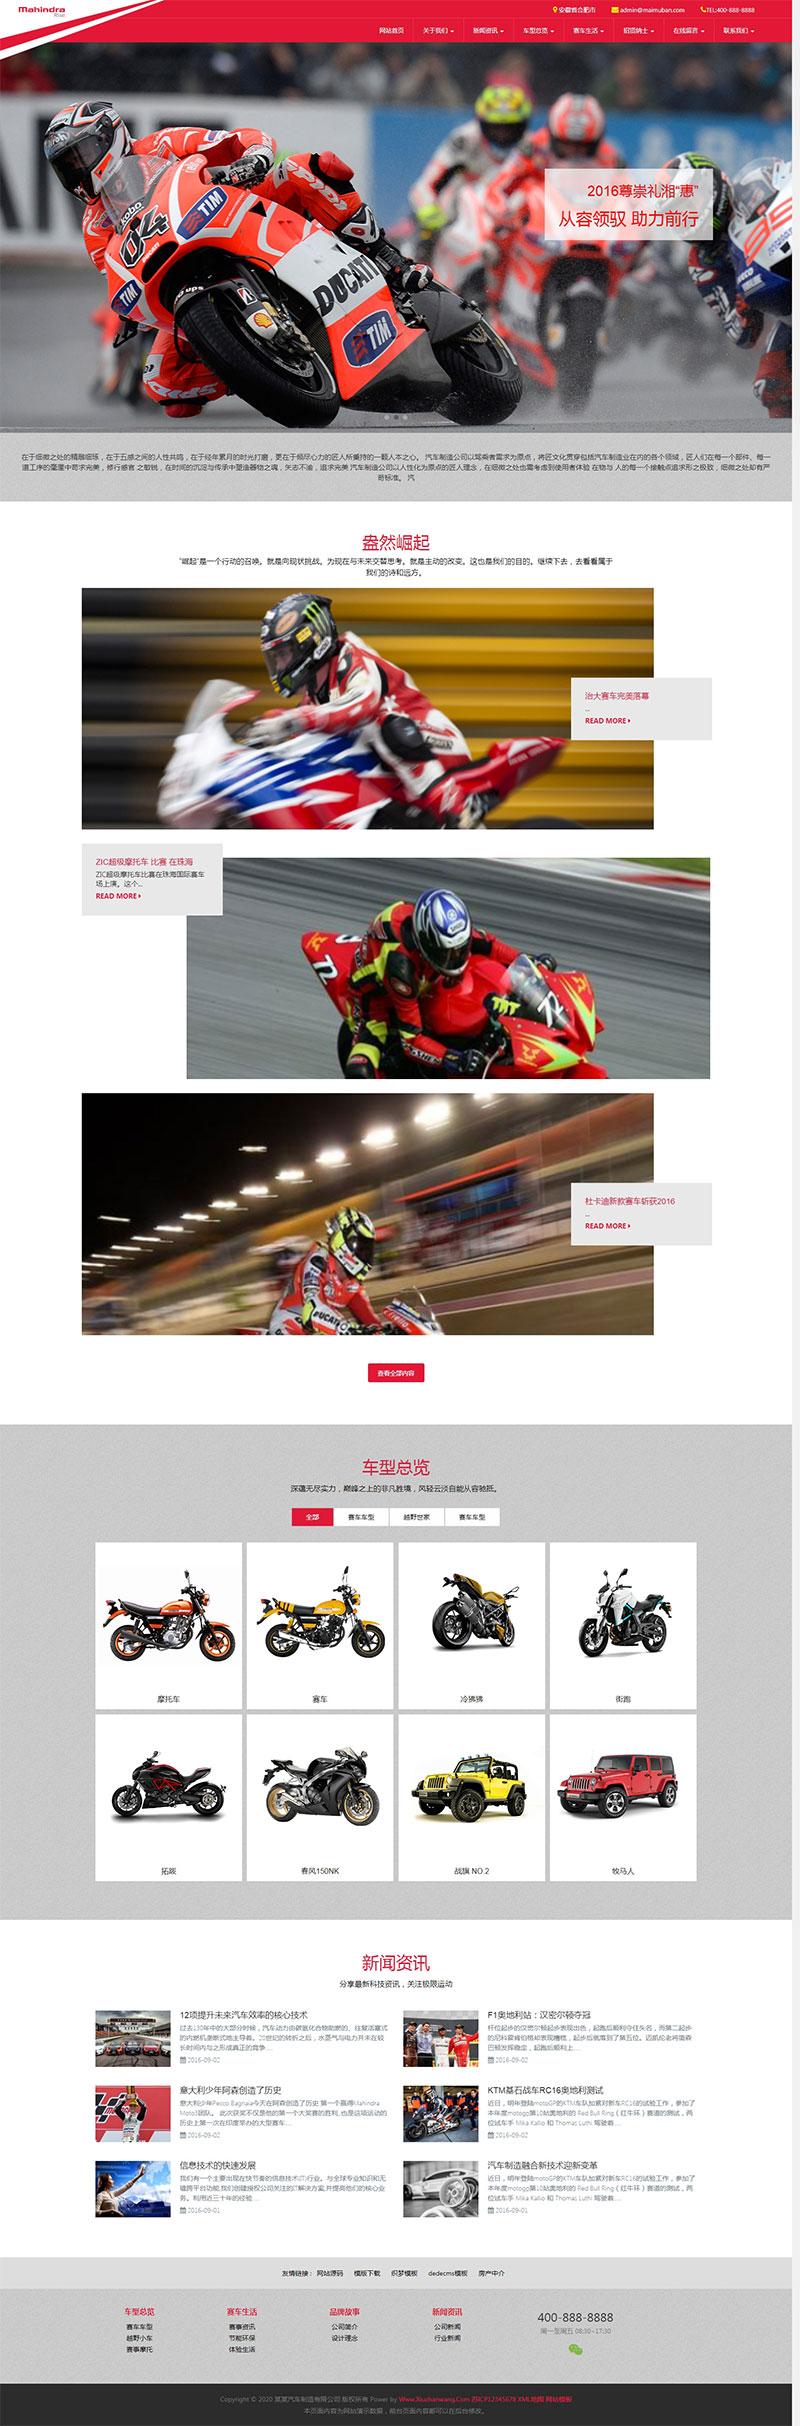 爱上源码网文章营销型企业官网响应式摩托车汽车制造公司织梦网站模板(自适应手机移动端)的内容插图